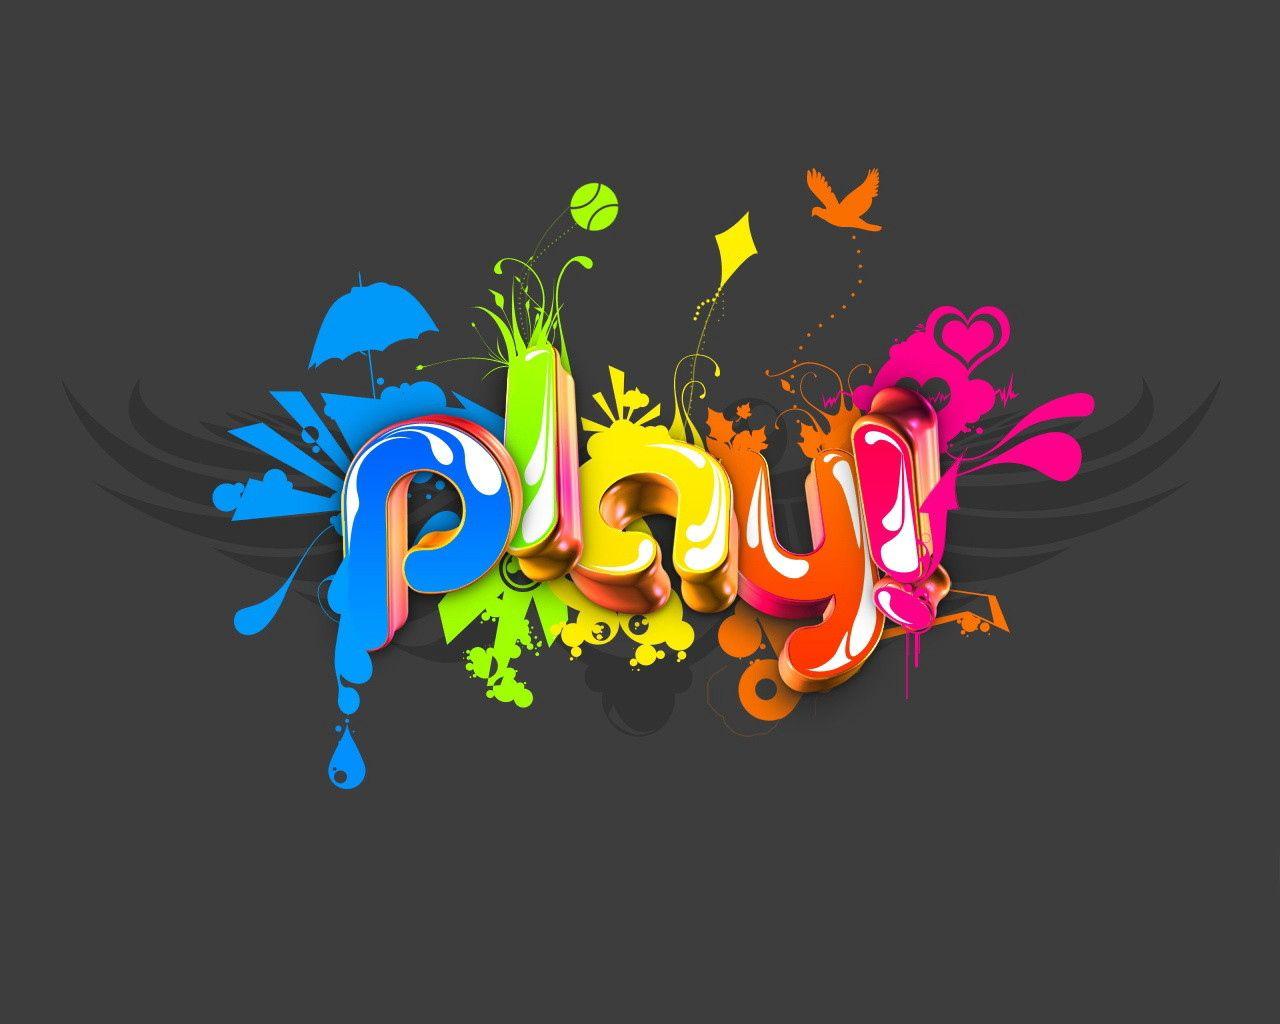 手機的143429屏保和壁紙游戏。 免費下載 话, 单词, 游戏, 颜色, 彩色, 抽象, 花卉 圖片